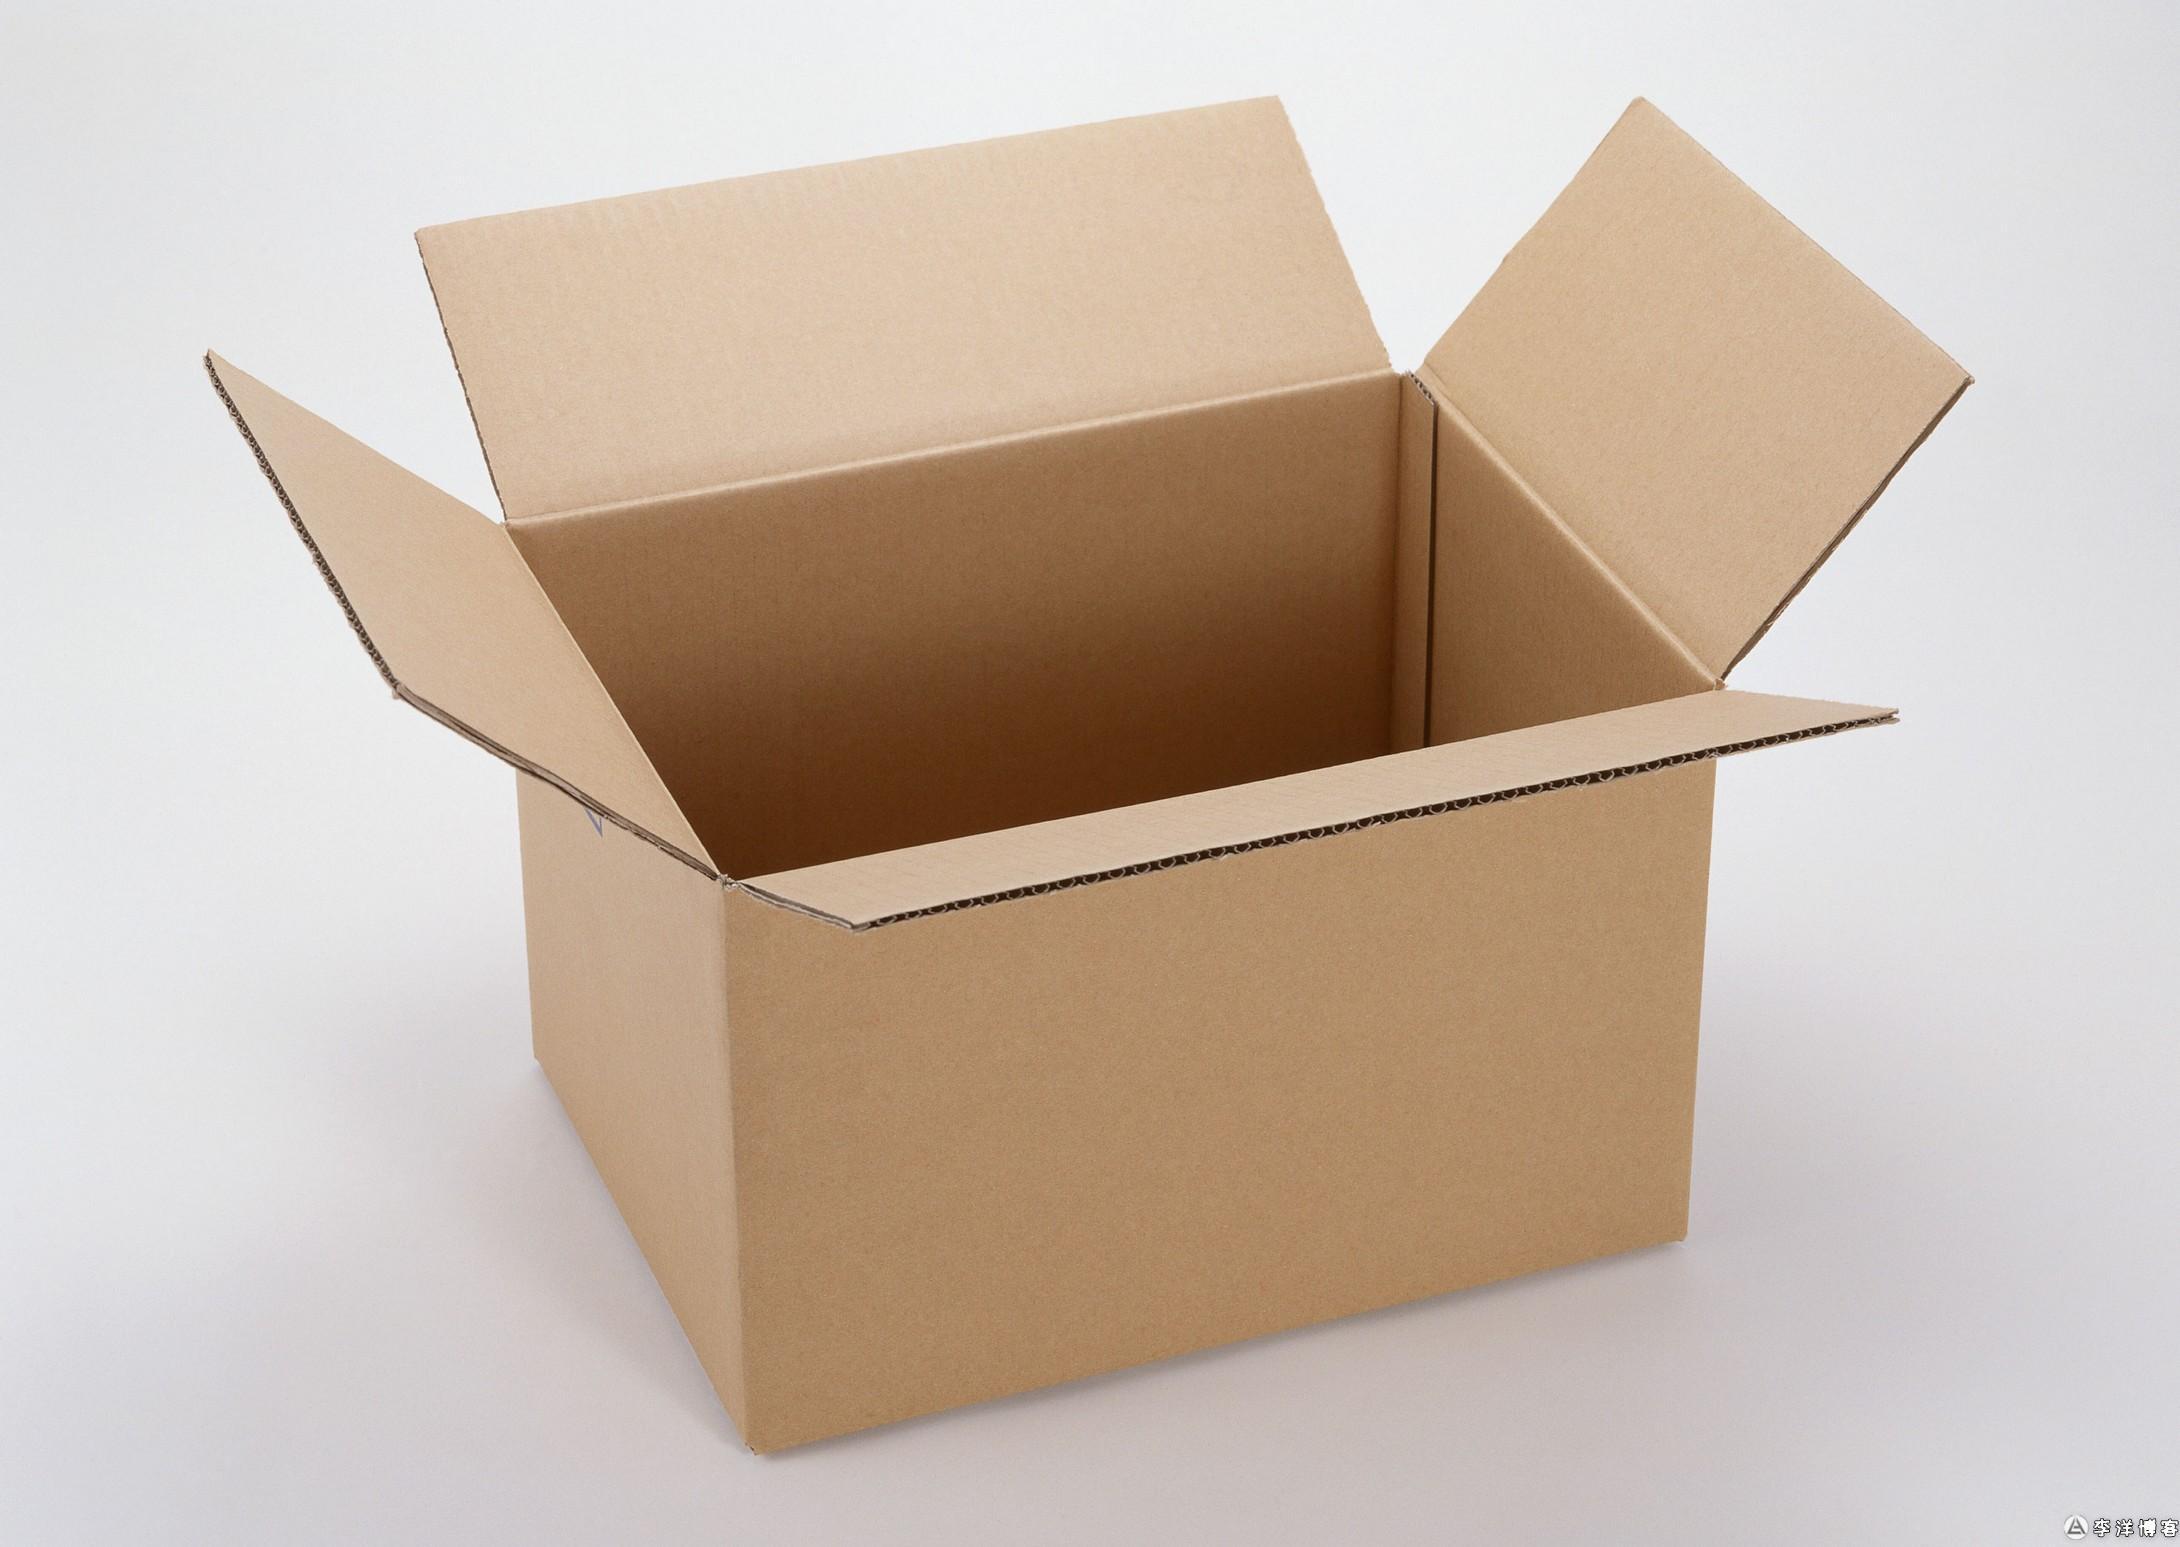 哈尔滨哪里卖特产包装兴旺包装_图文处理软件如何补漏白